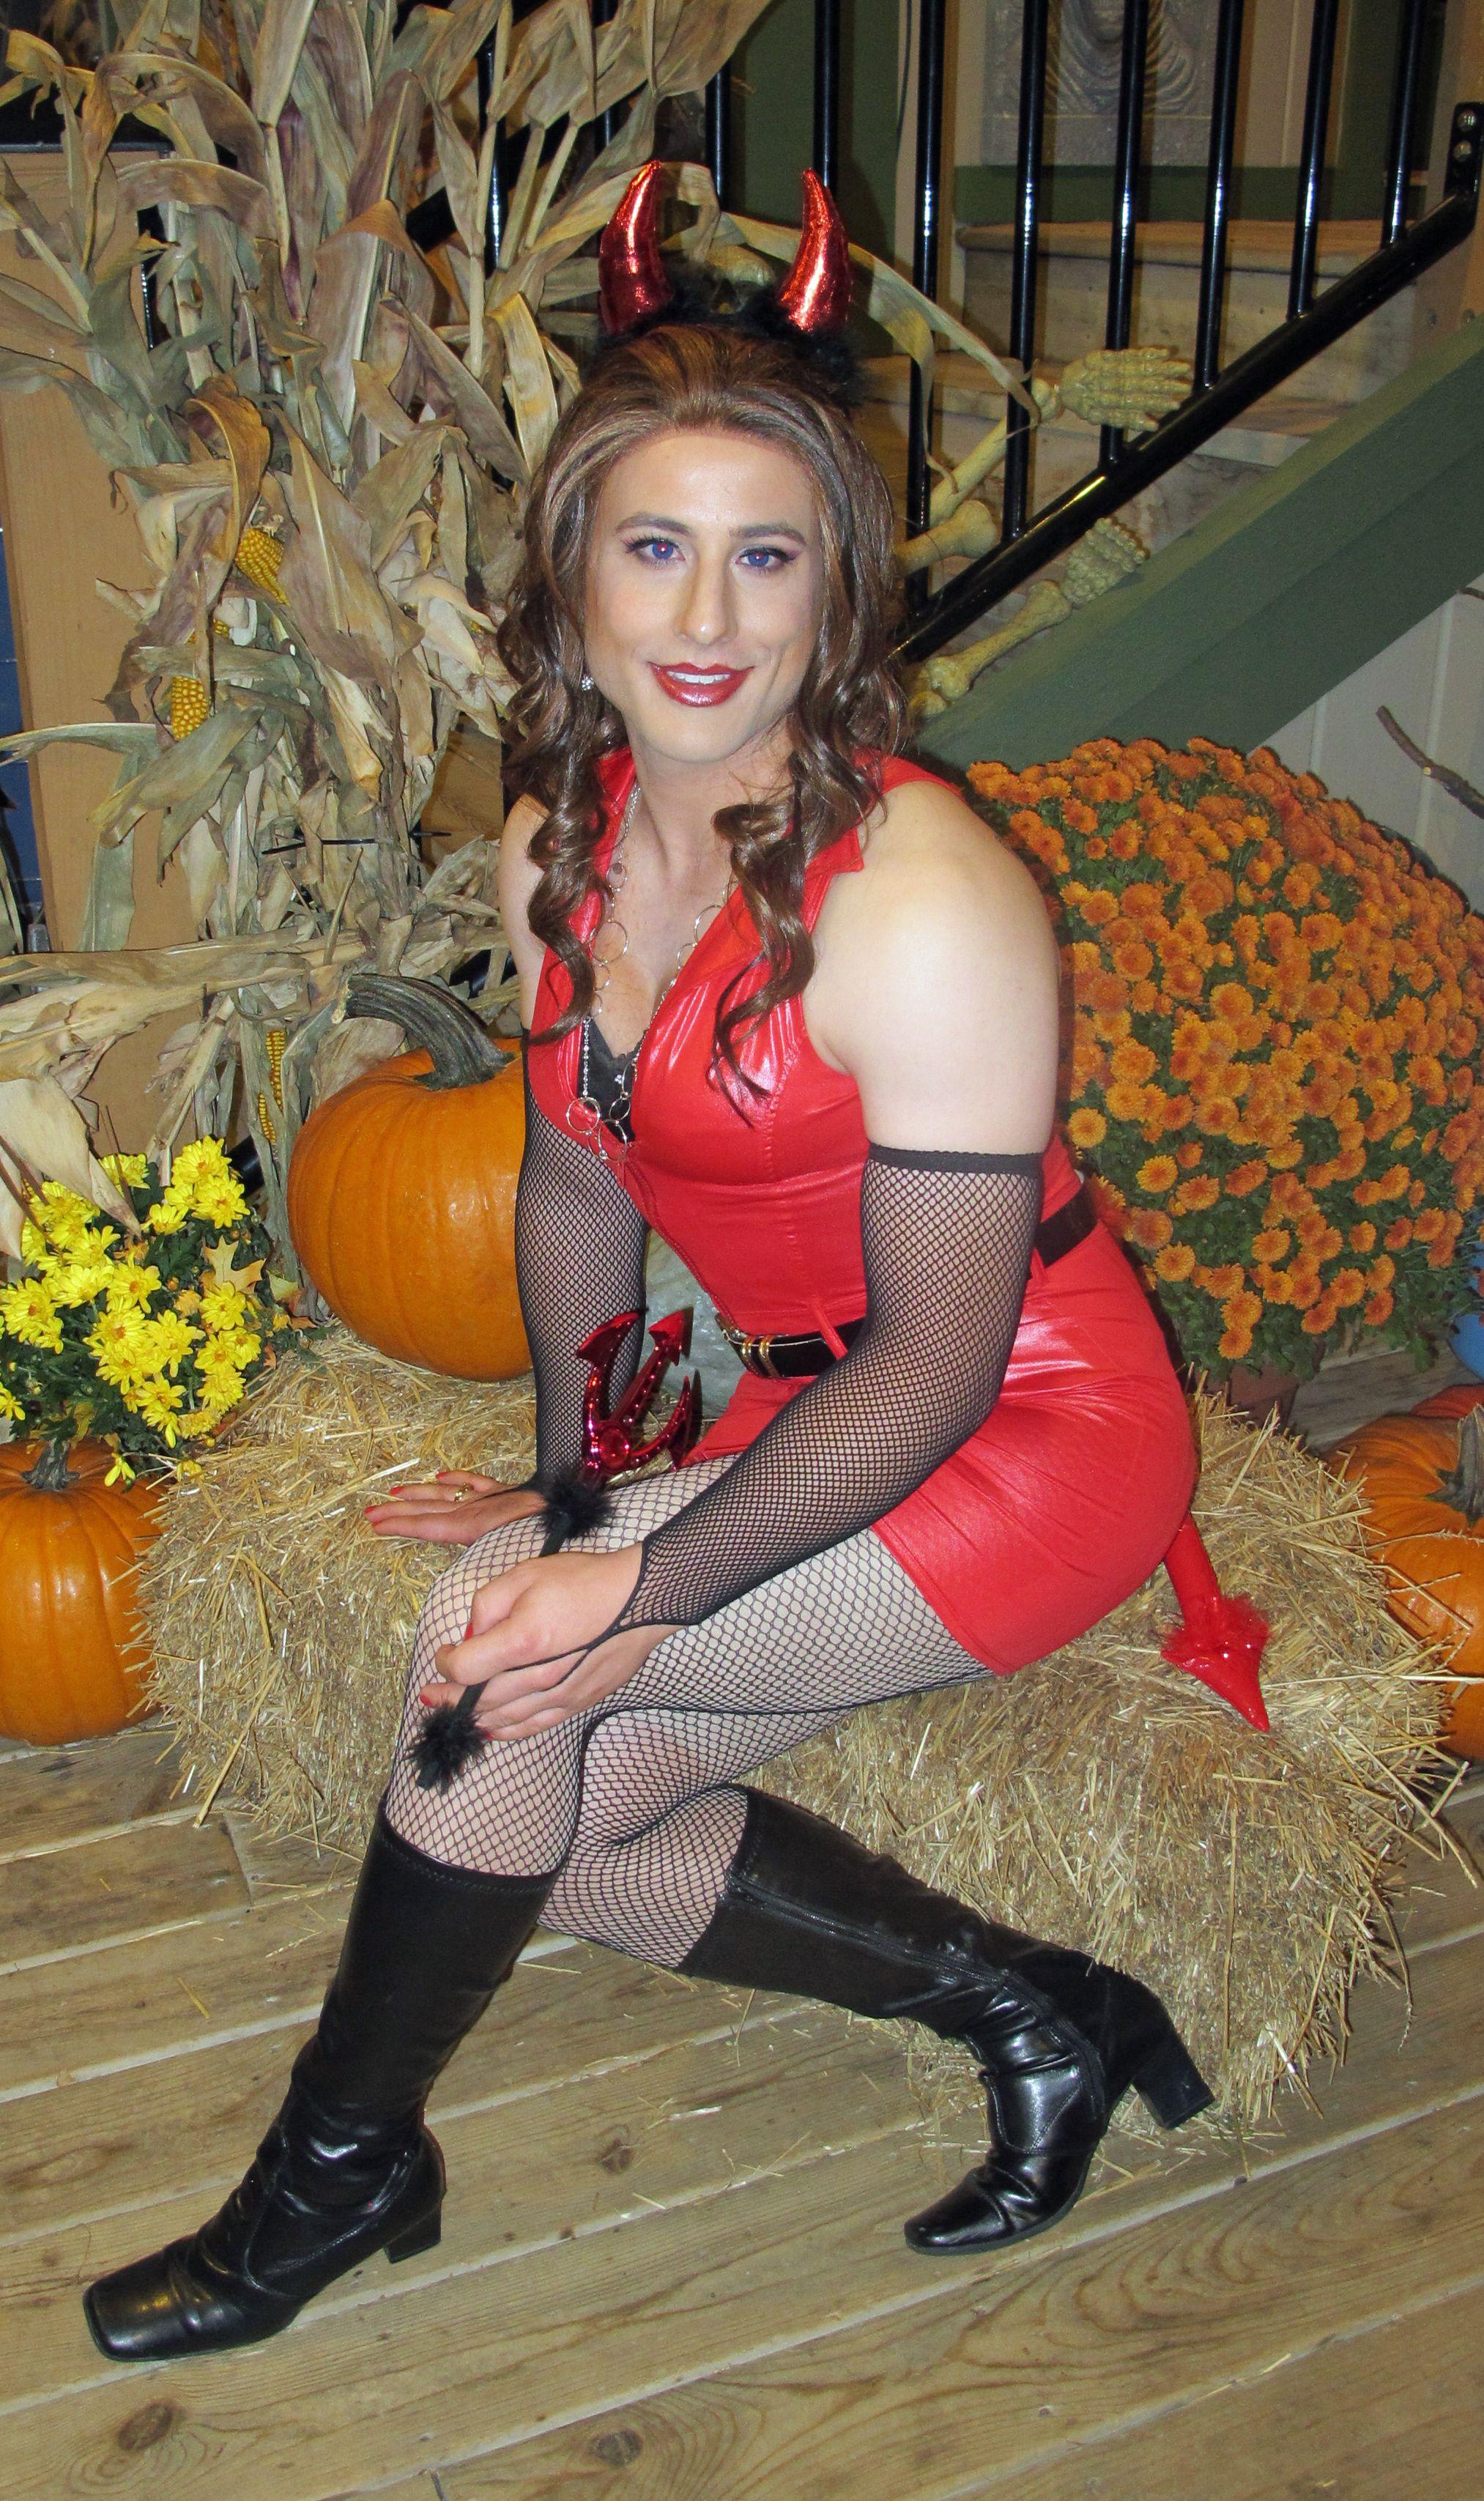 Crossdresser Diana Vandenburg Dressed As A Devil For